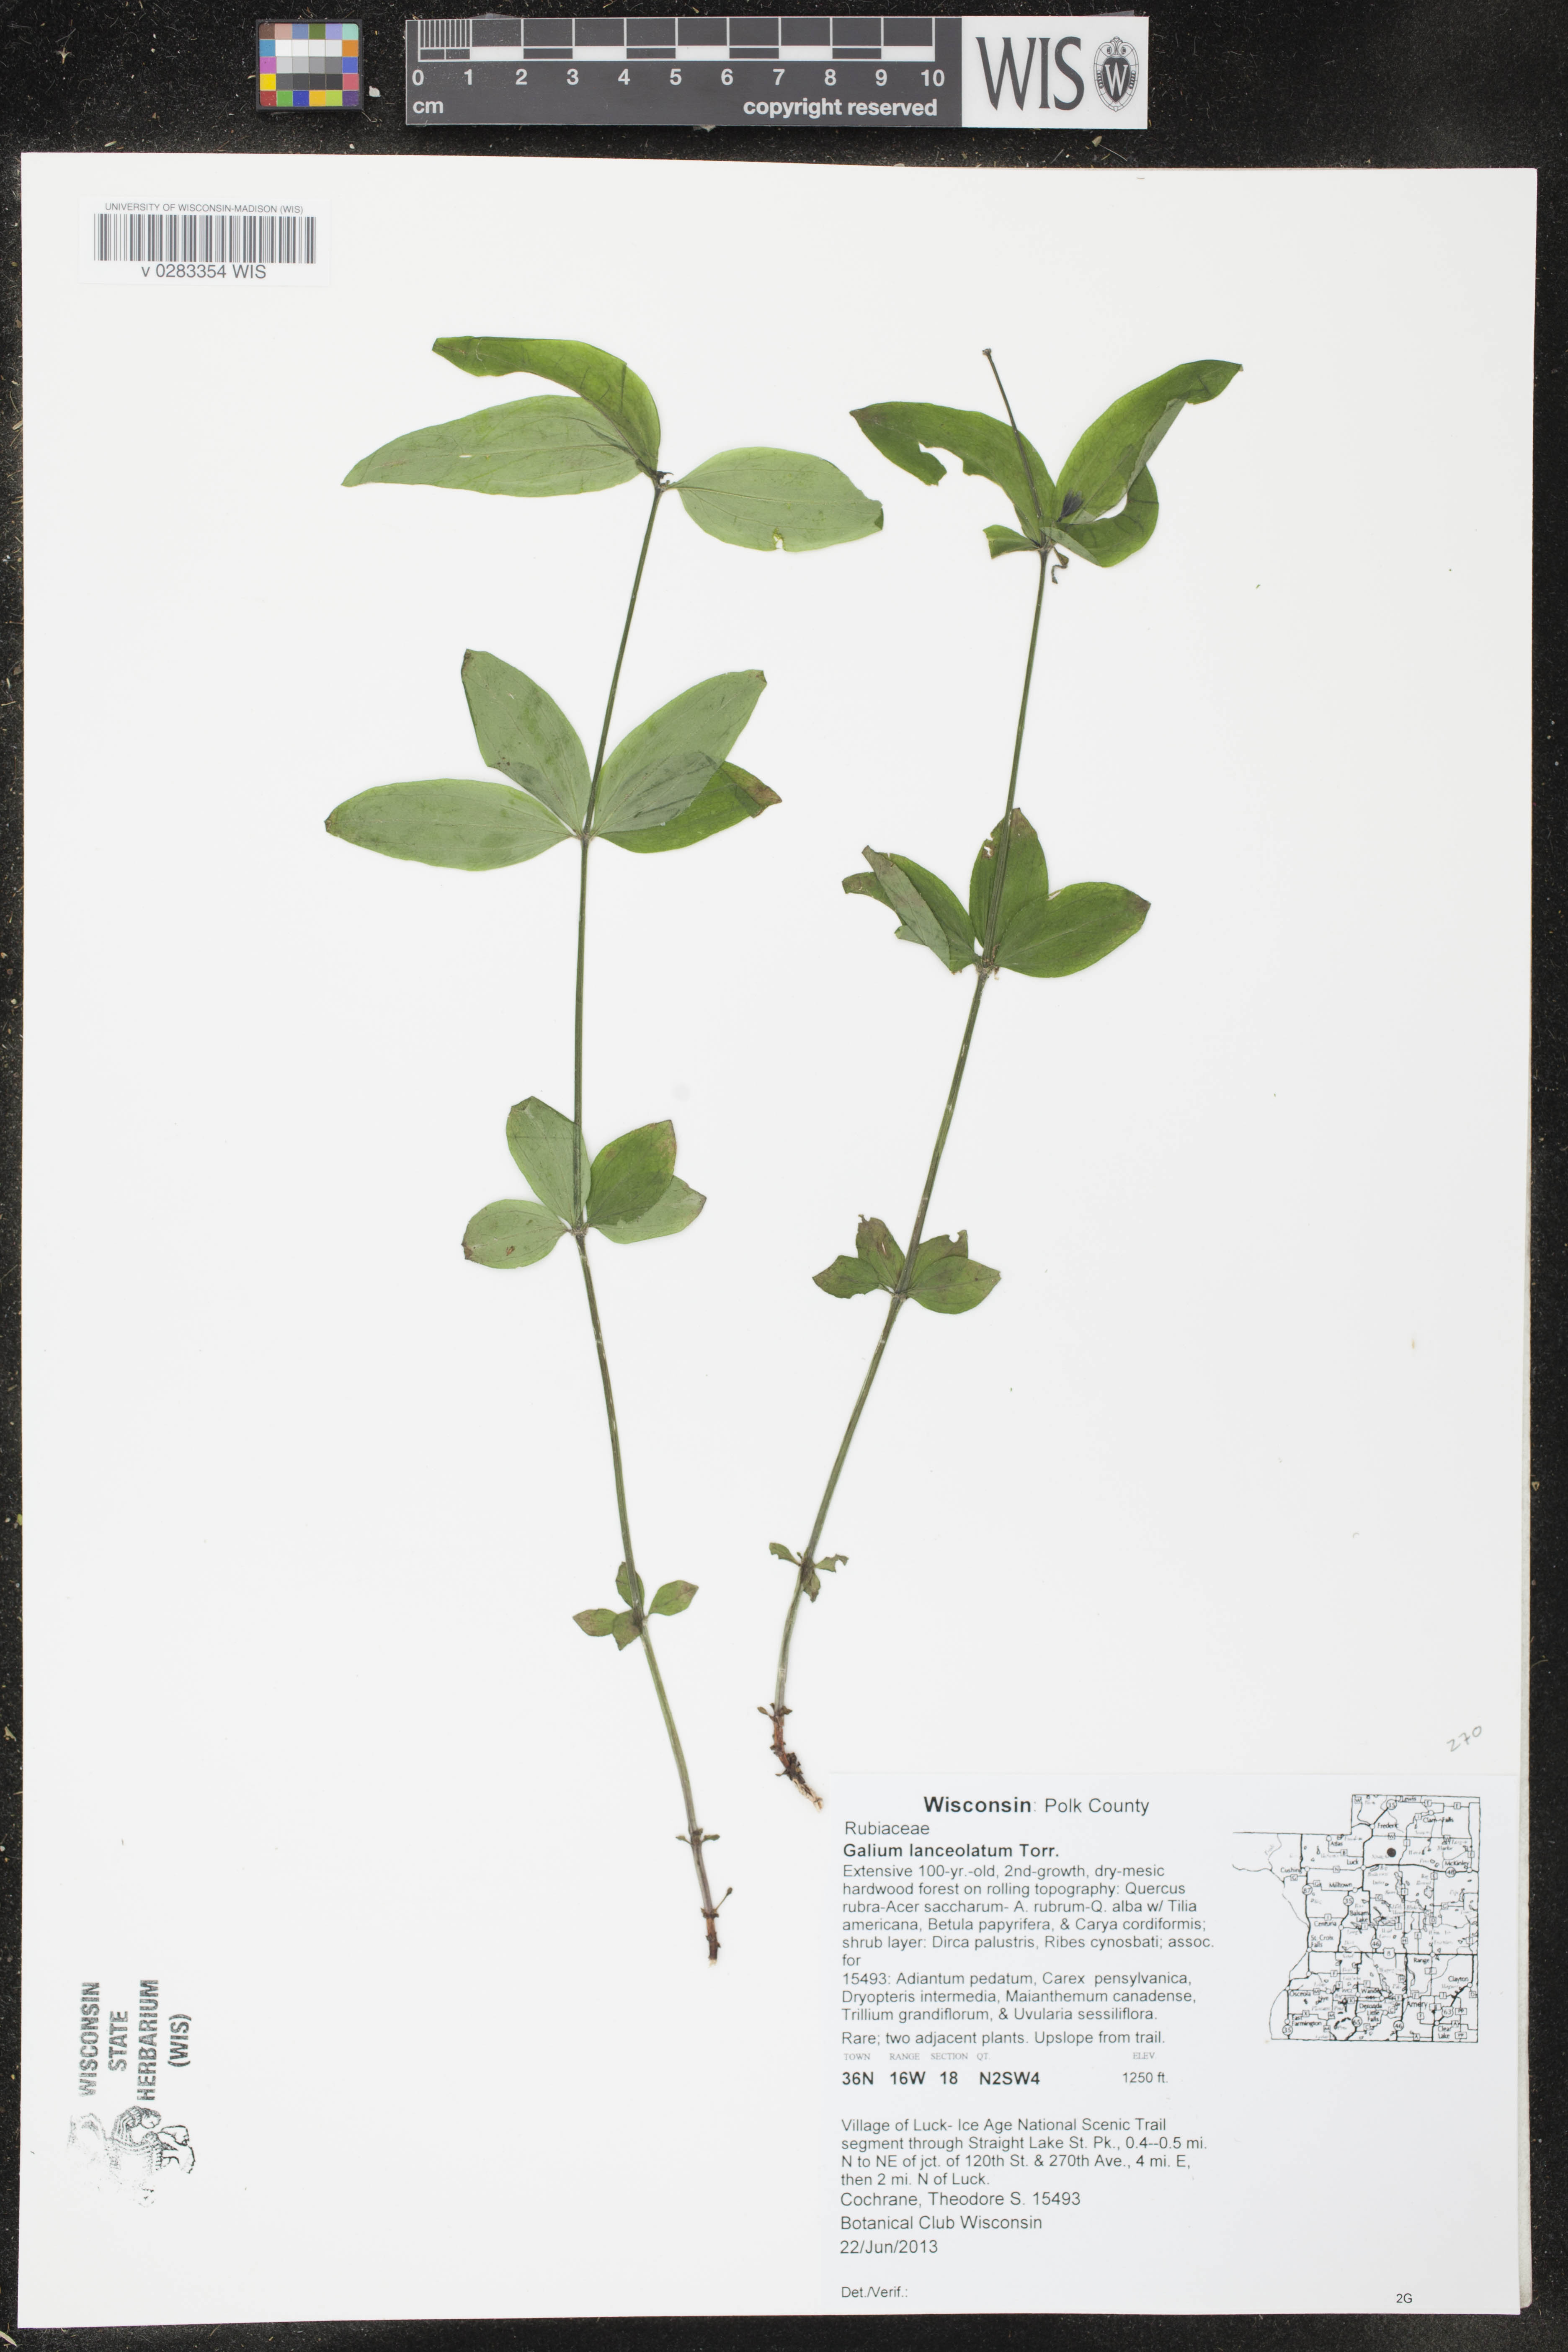 Image of Galium lanceolatum